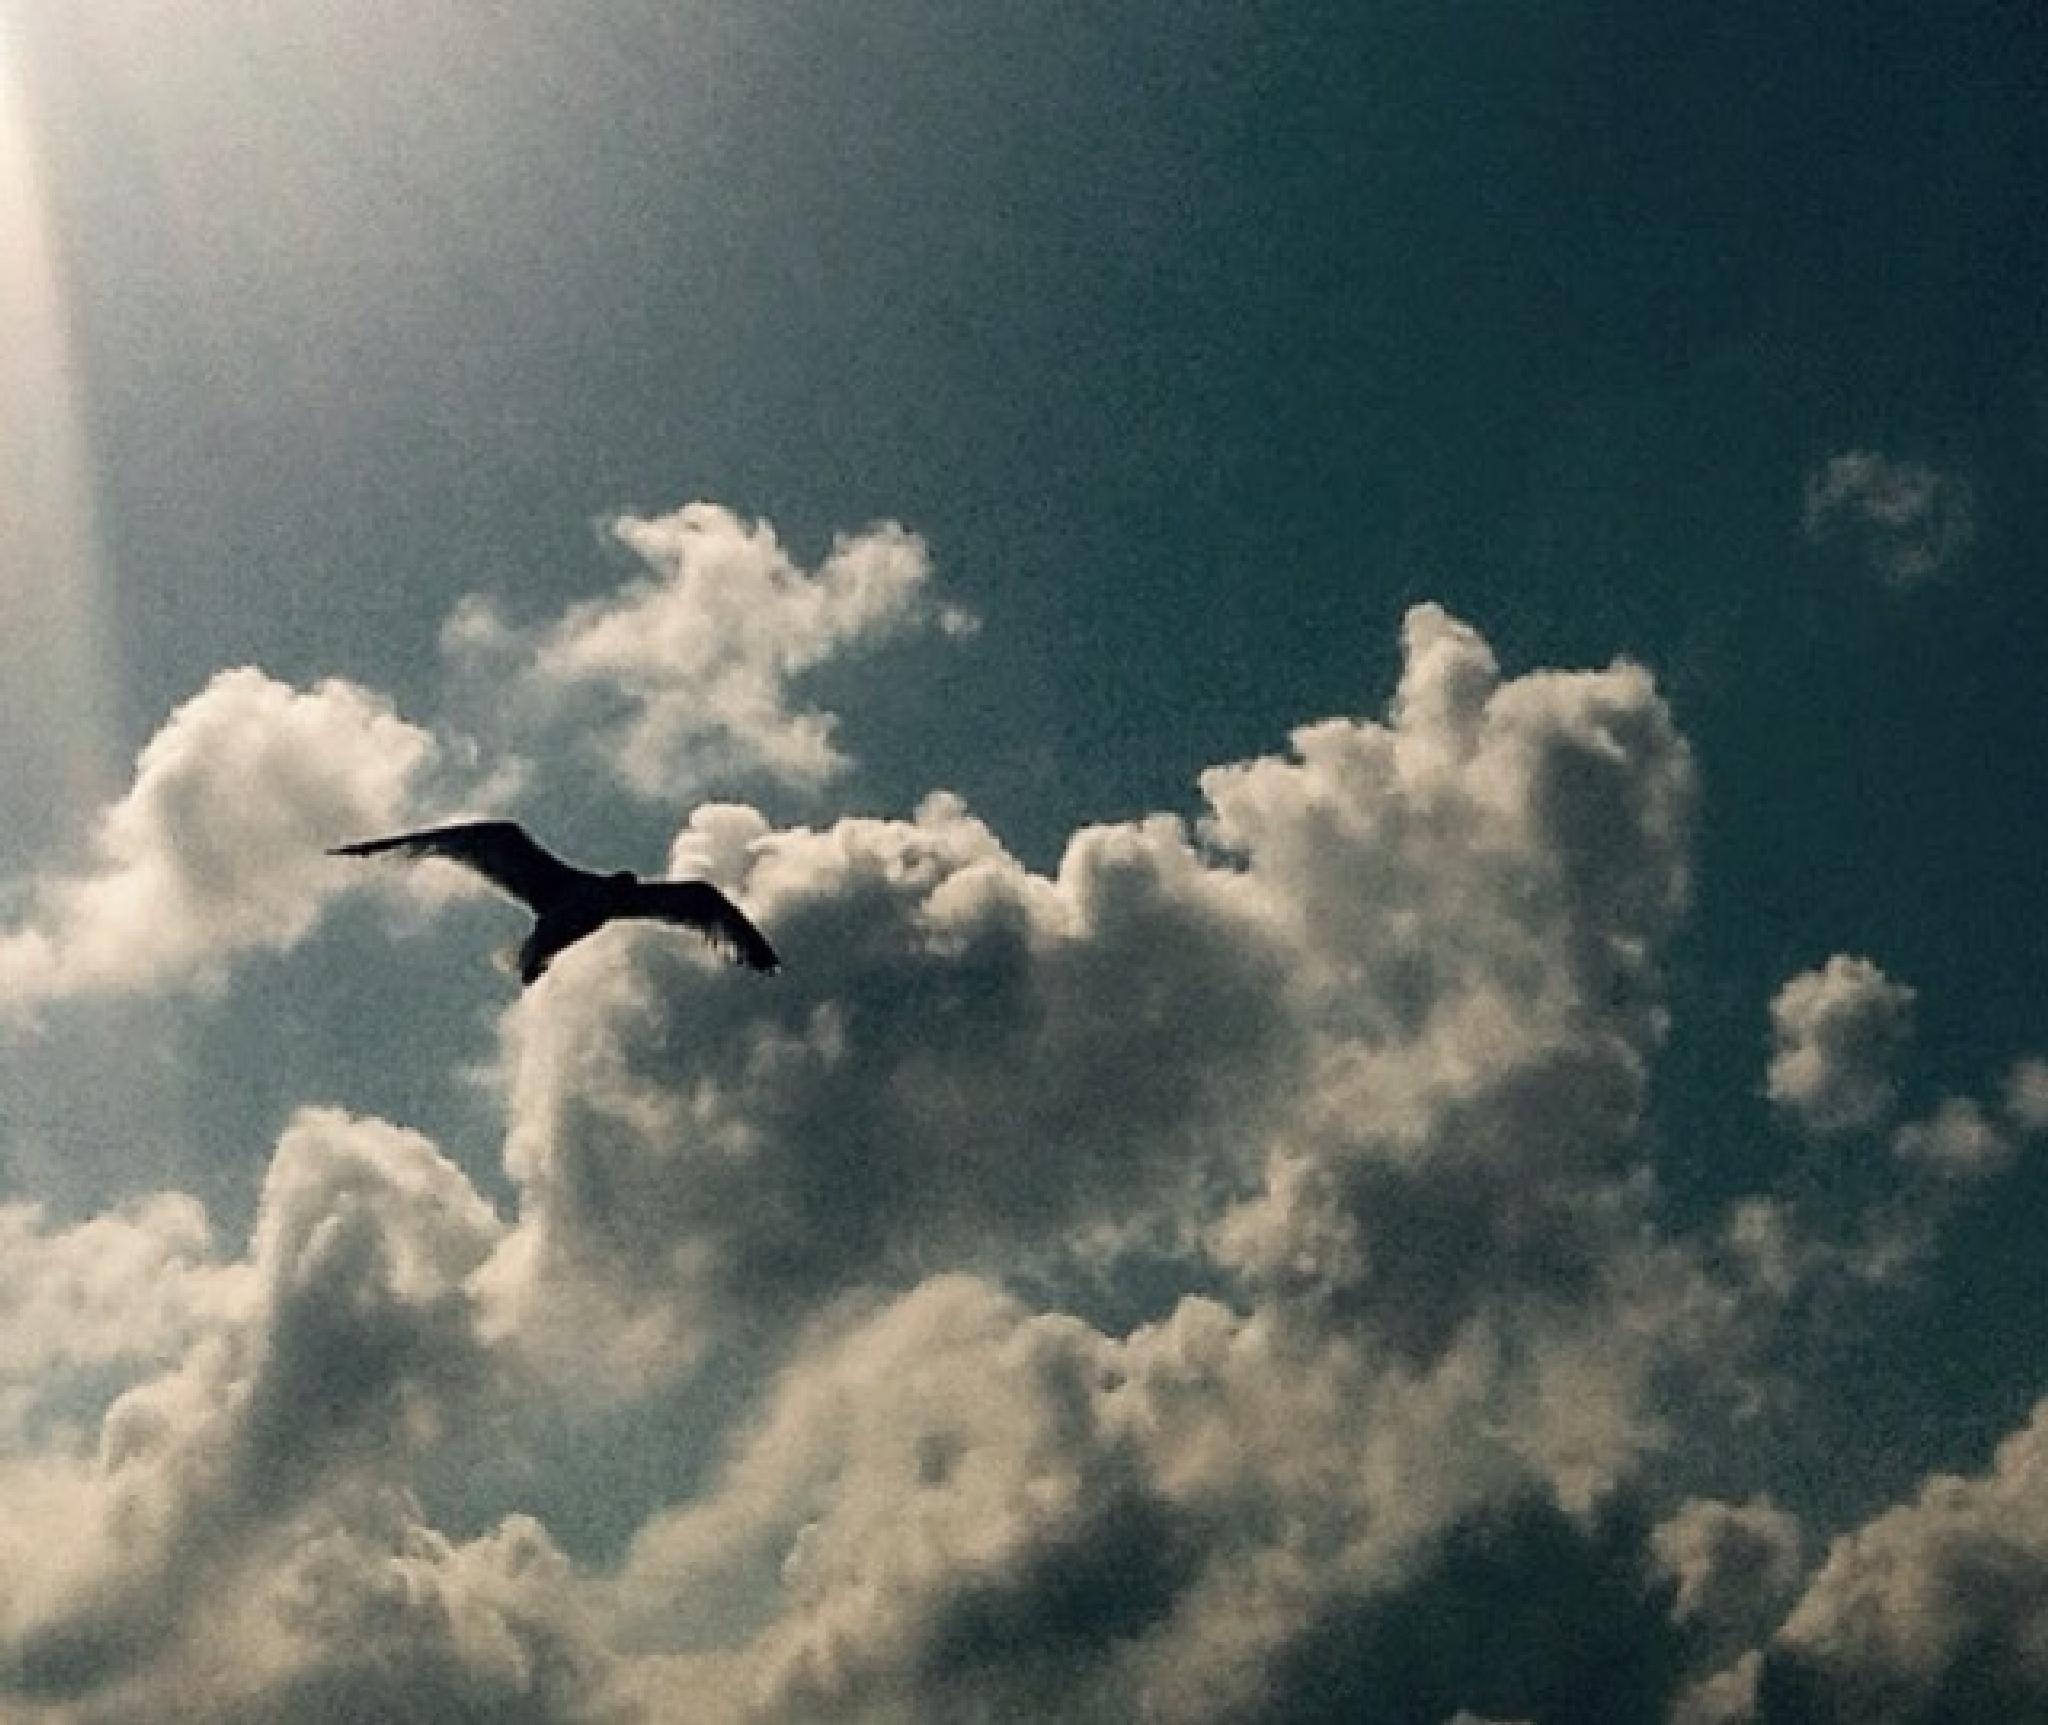 Free as a bird by Meriç Aksu